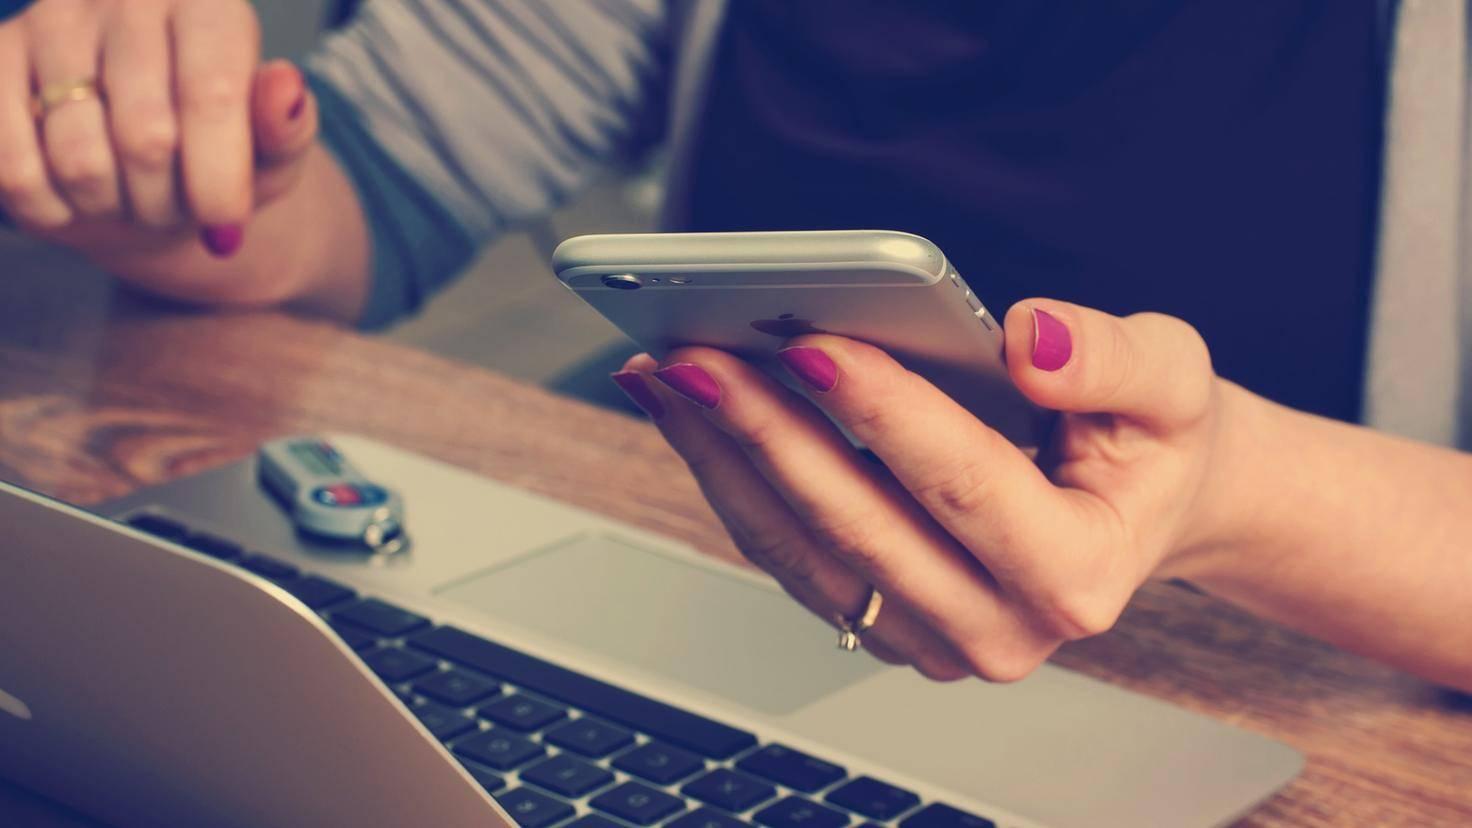 Ohne Smartphone kommt der Kopf besser zur Ruhe.